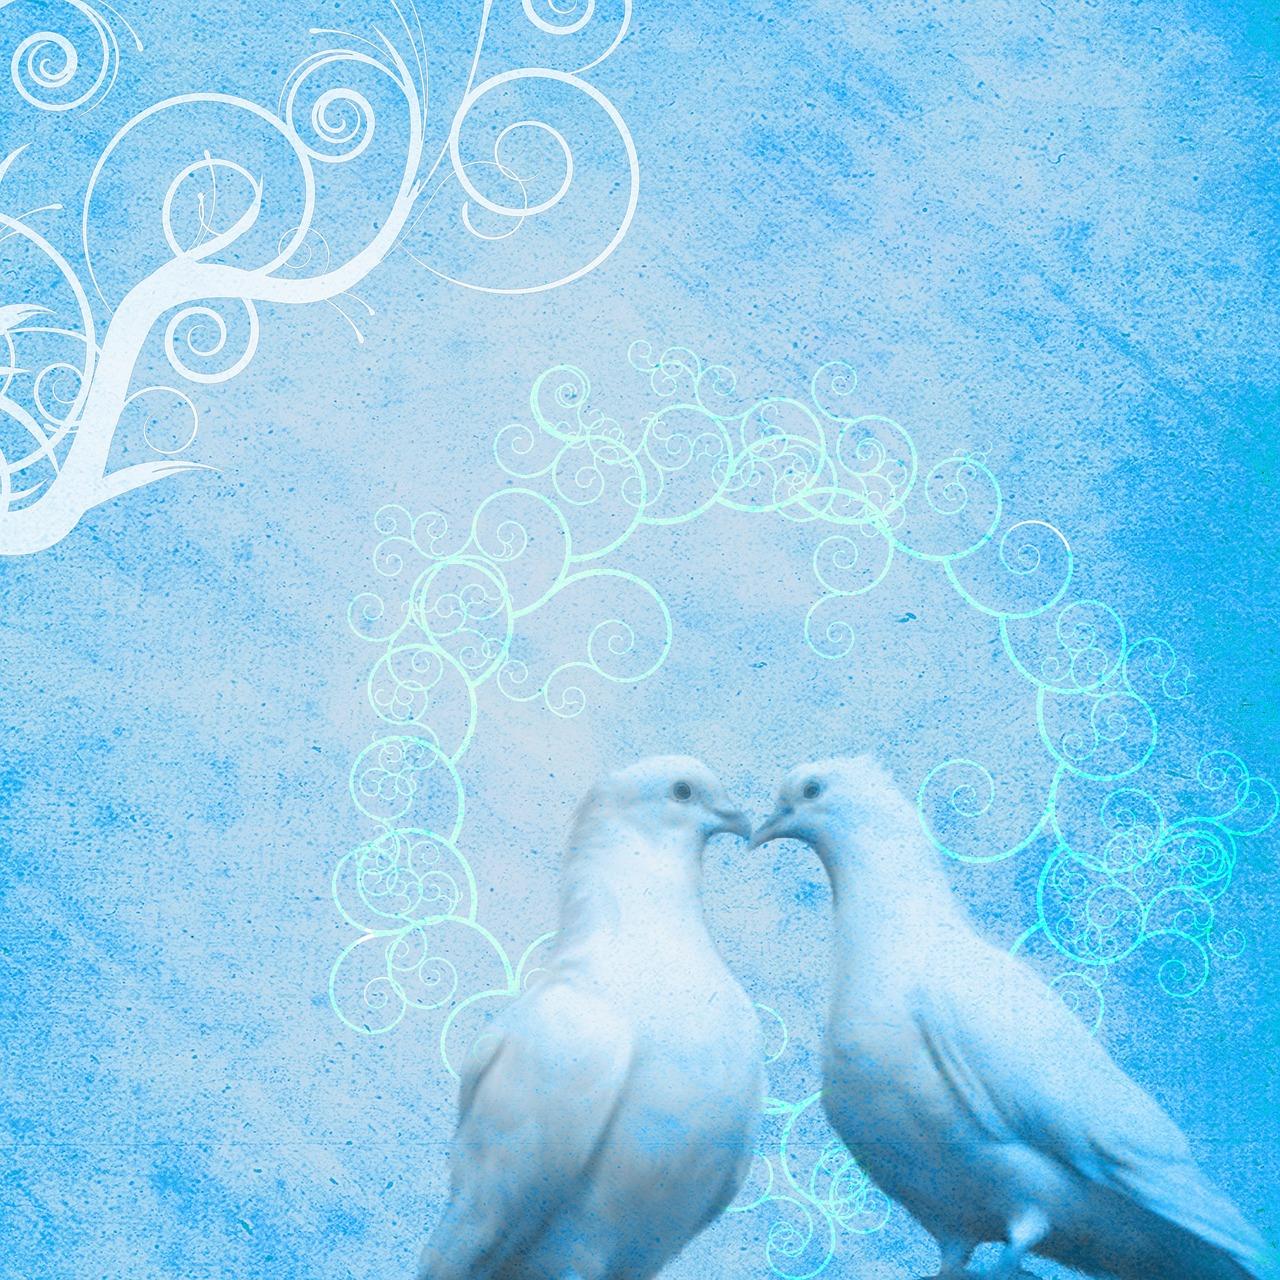 Картинки свадебные фоны с голубями